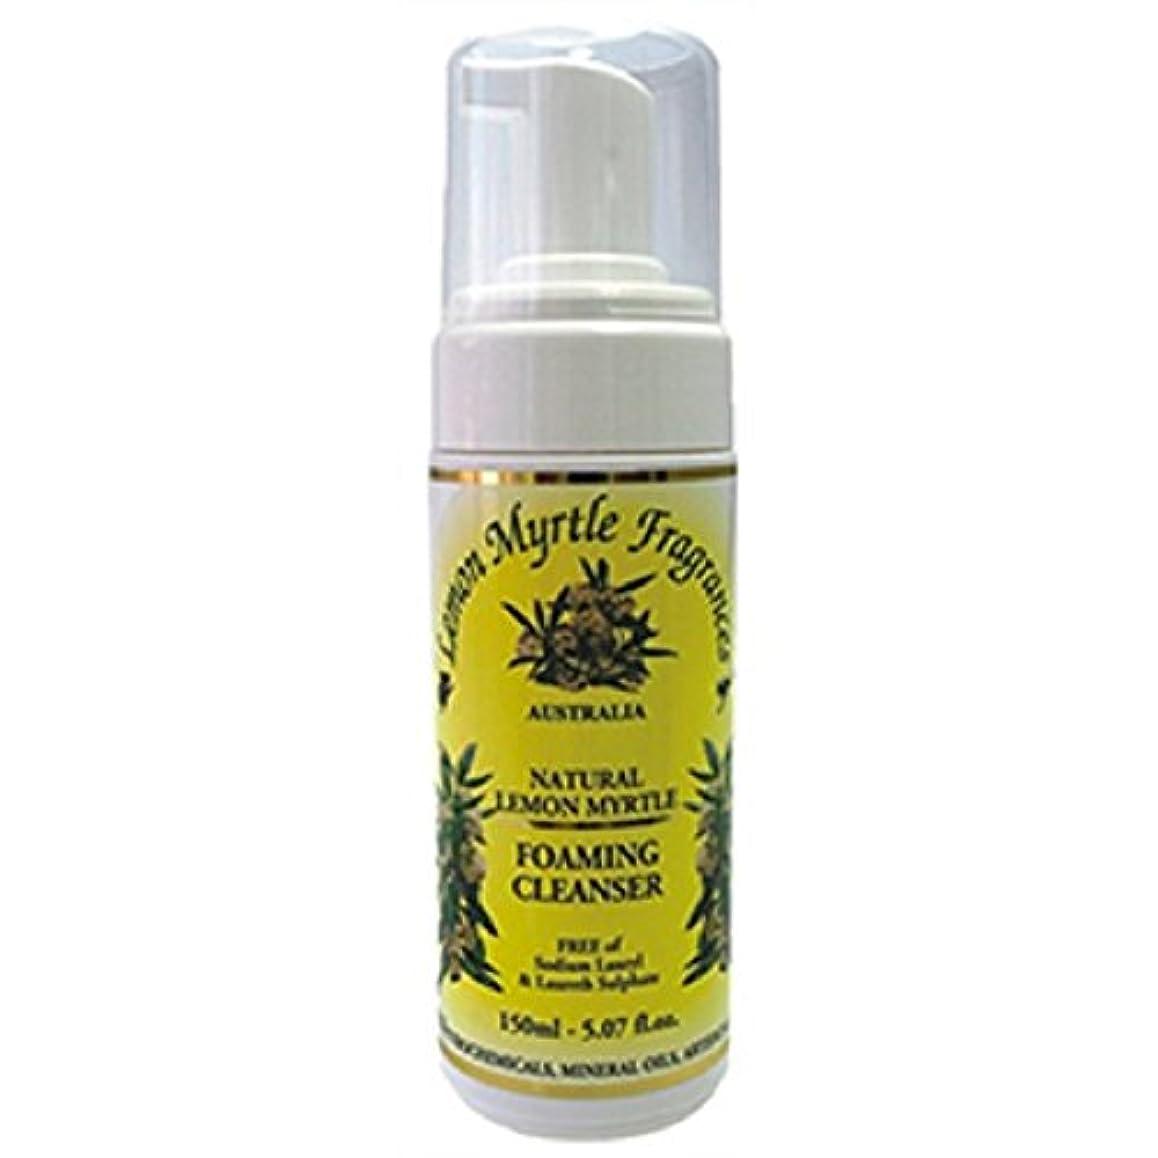 氏前述の宣伝【LEMON MYRTLE FRAGRANCES】Hand Cleanser レモンマートルフレグランス ハンドソープ 150g 6個セット